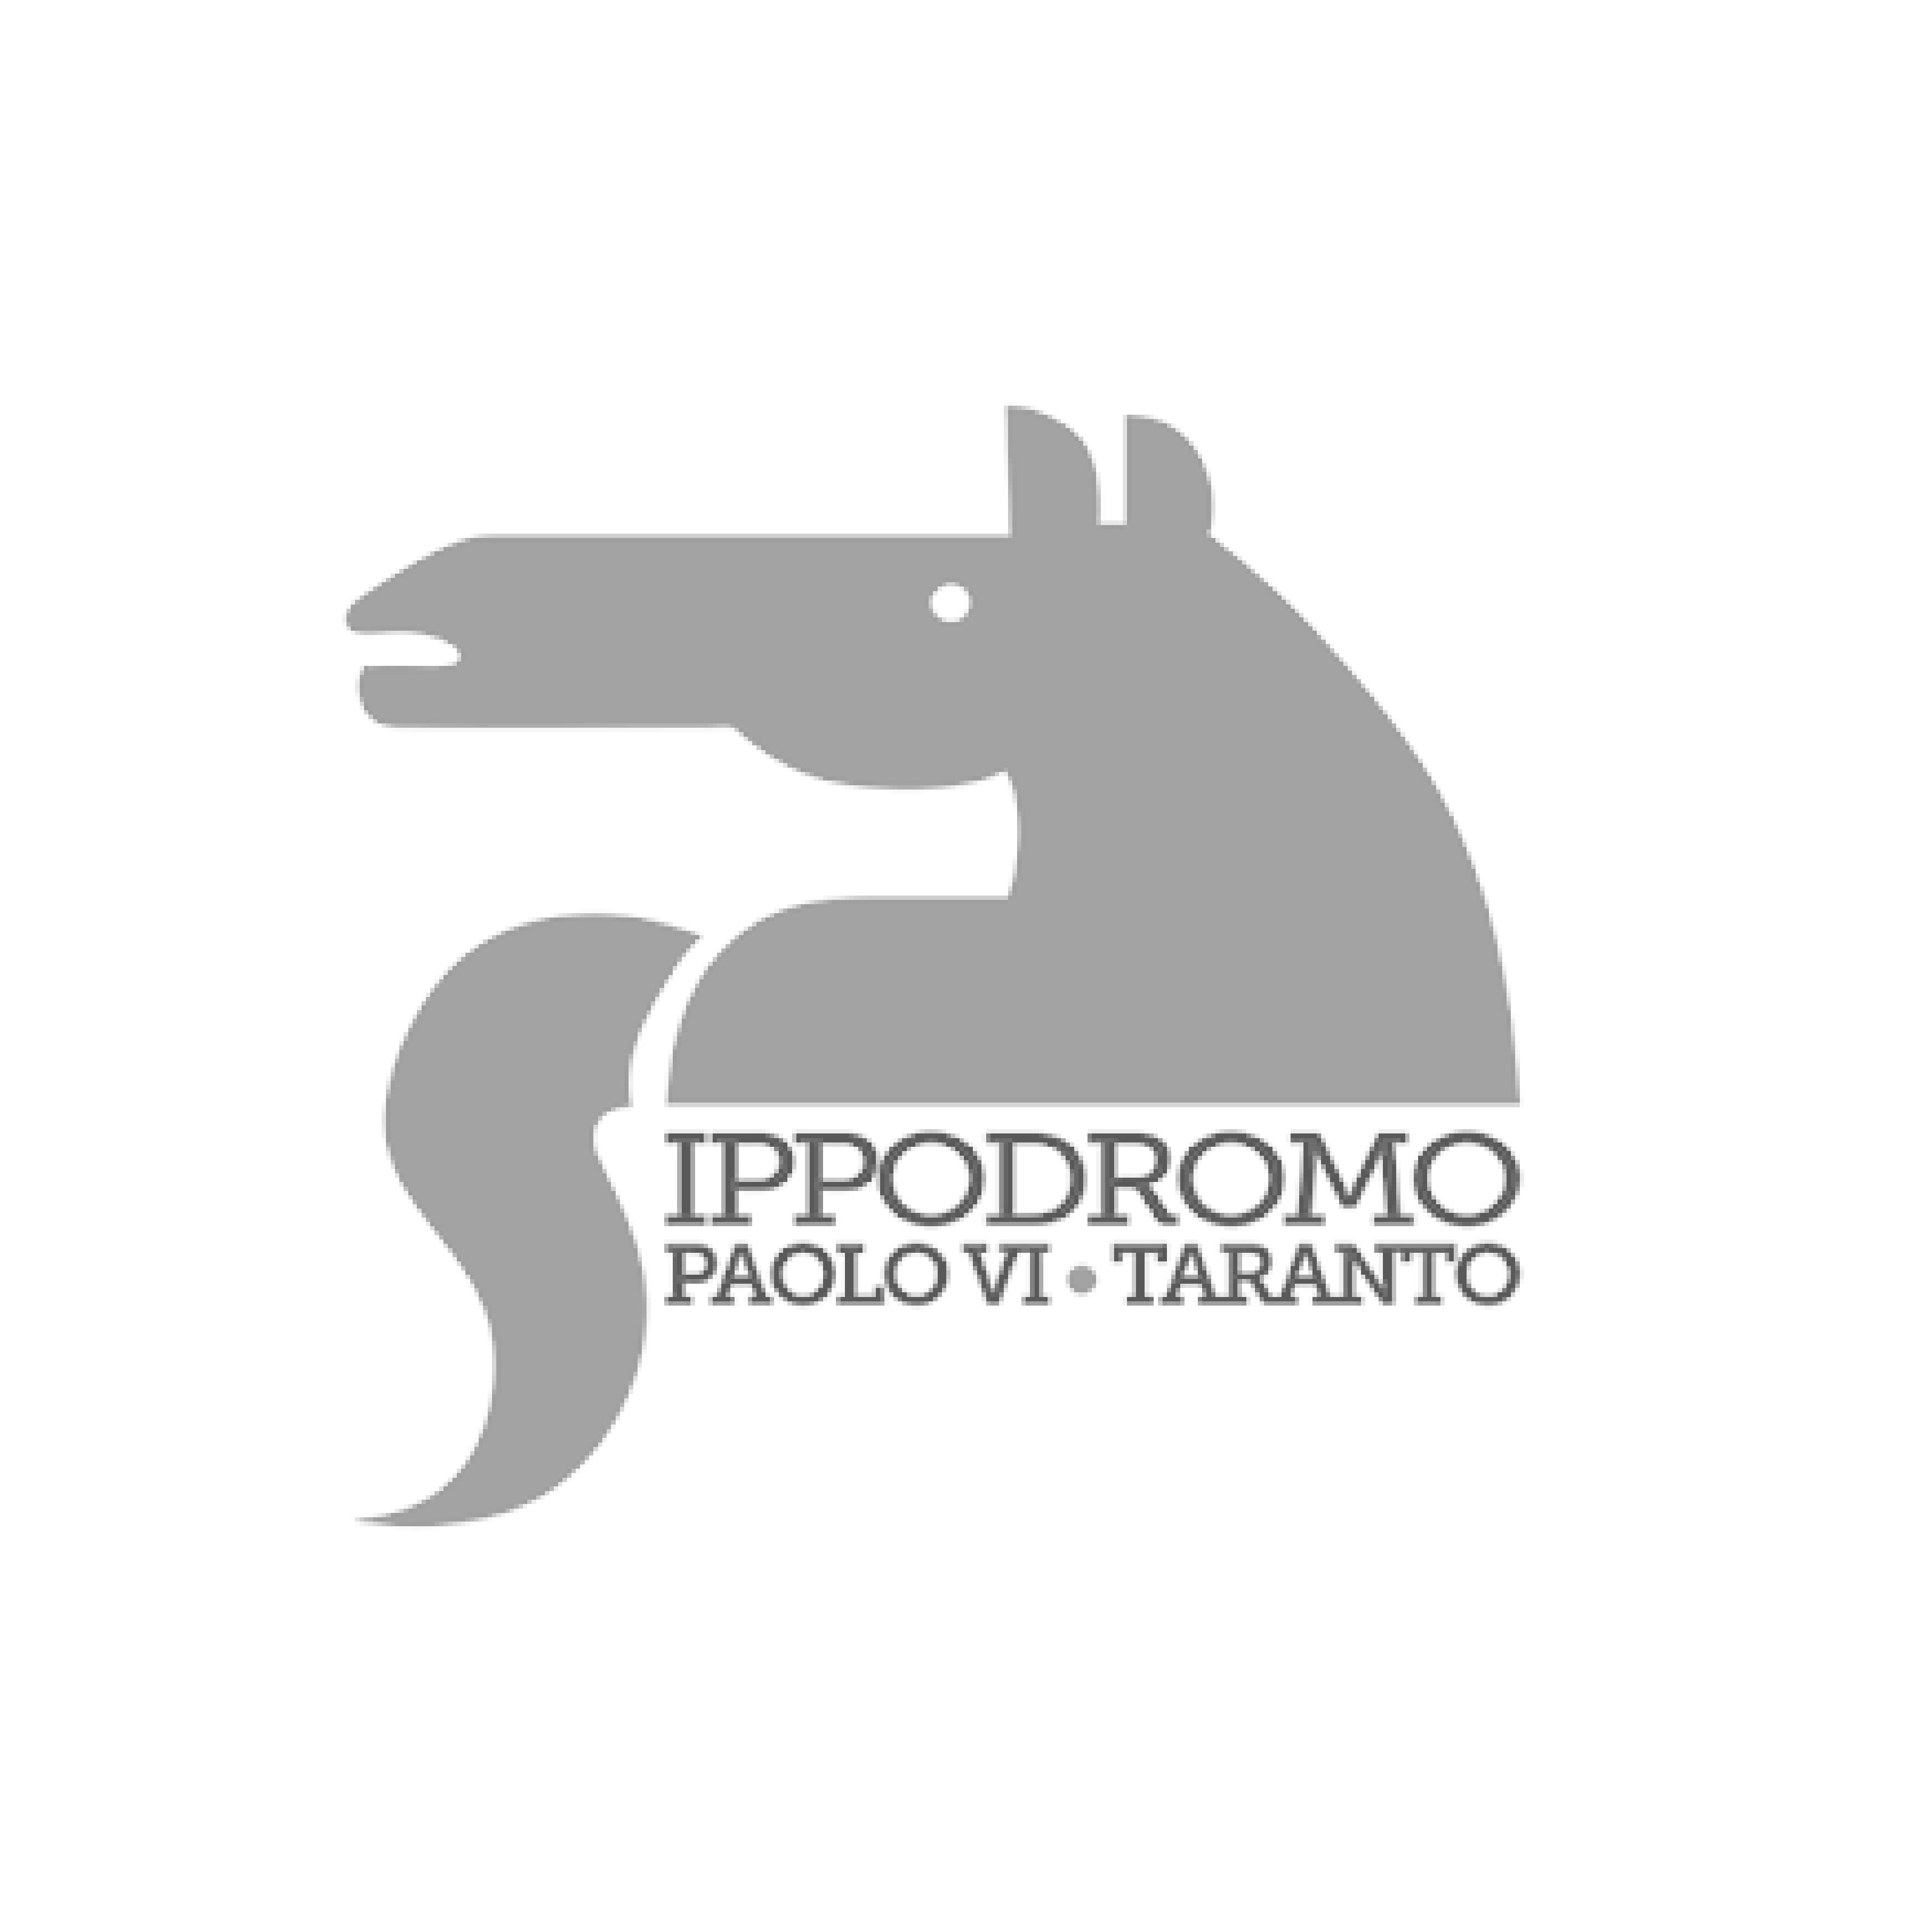 IppodromoPaoloVI